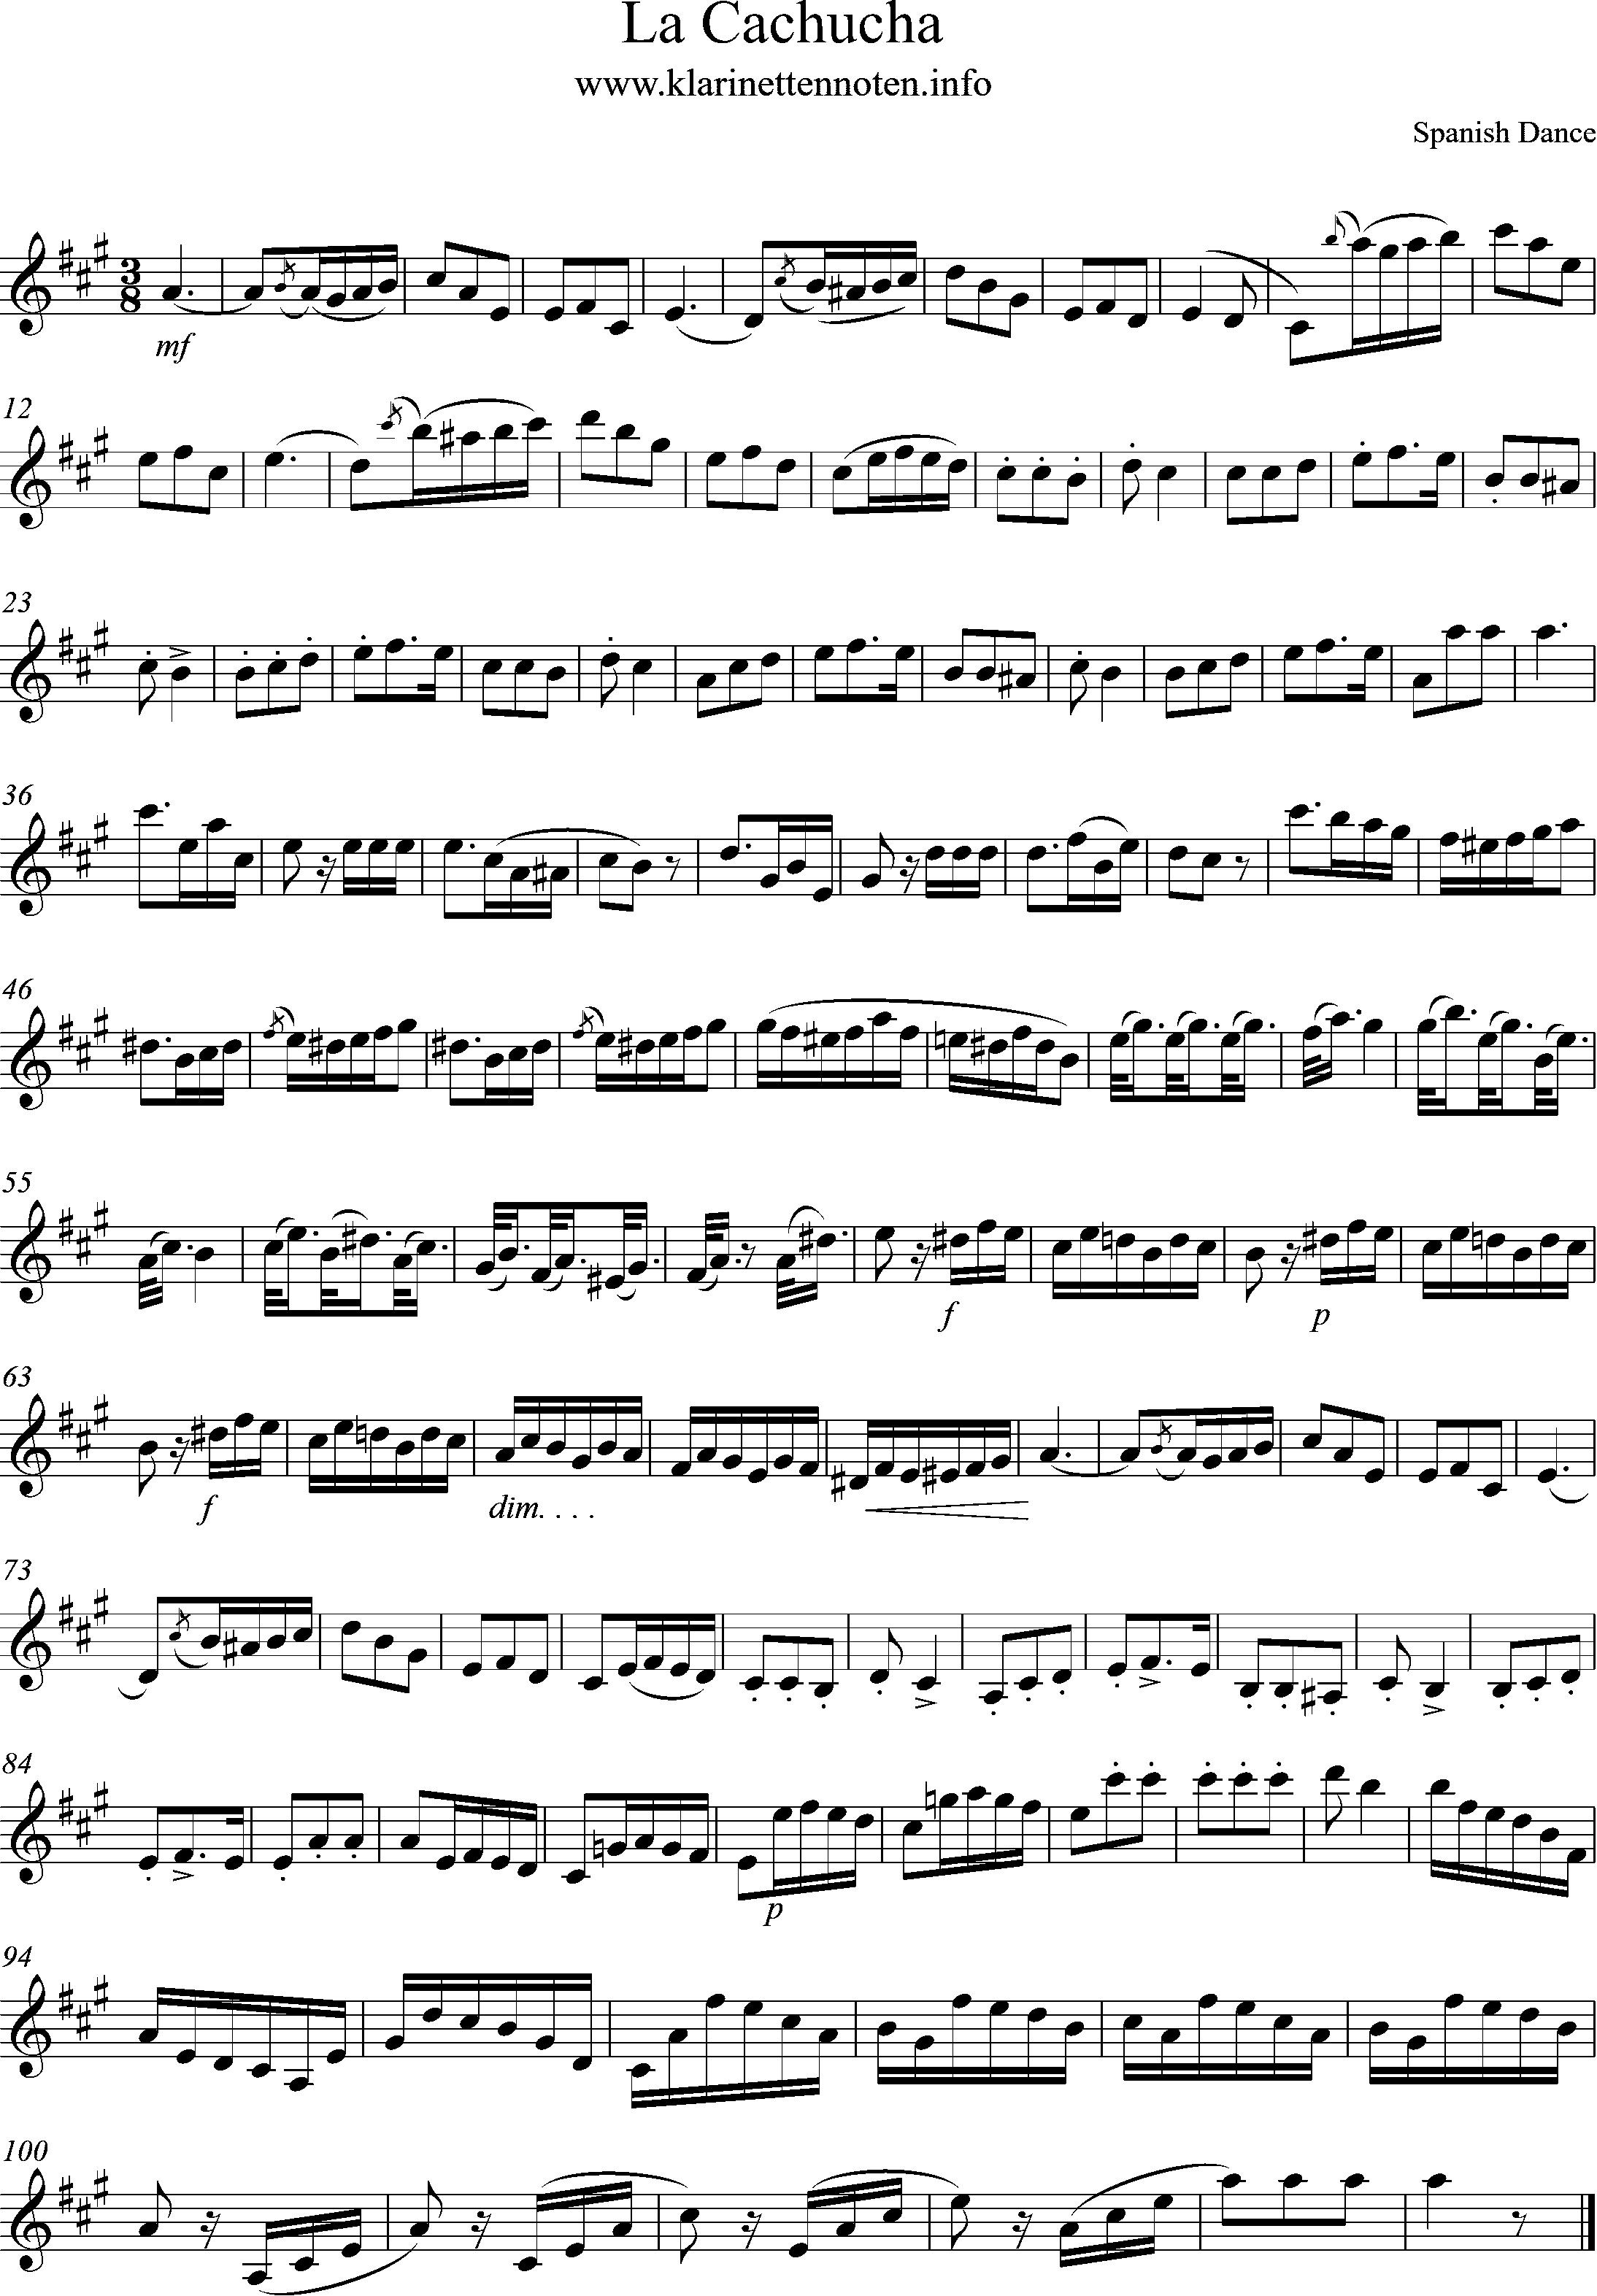 Solo Clarinet La Cachucha